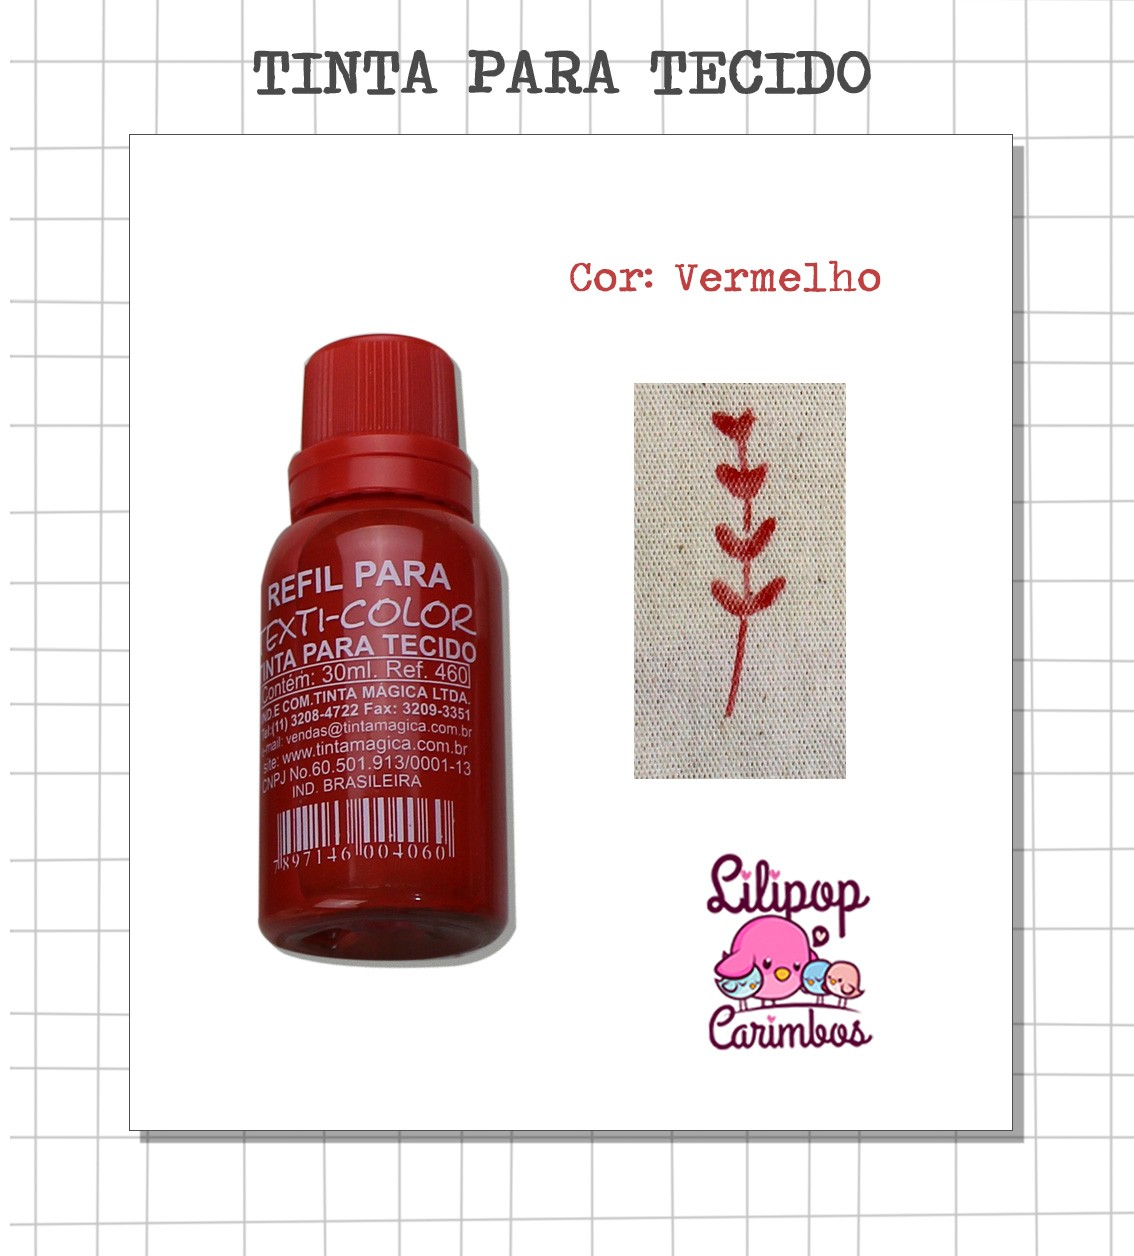 Kit de Tinta para tecido - Vermelho + almofada sem tinta